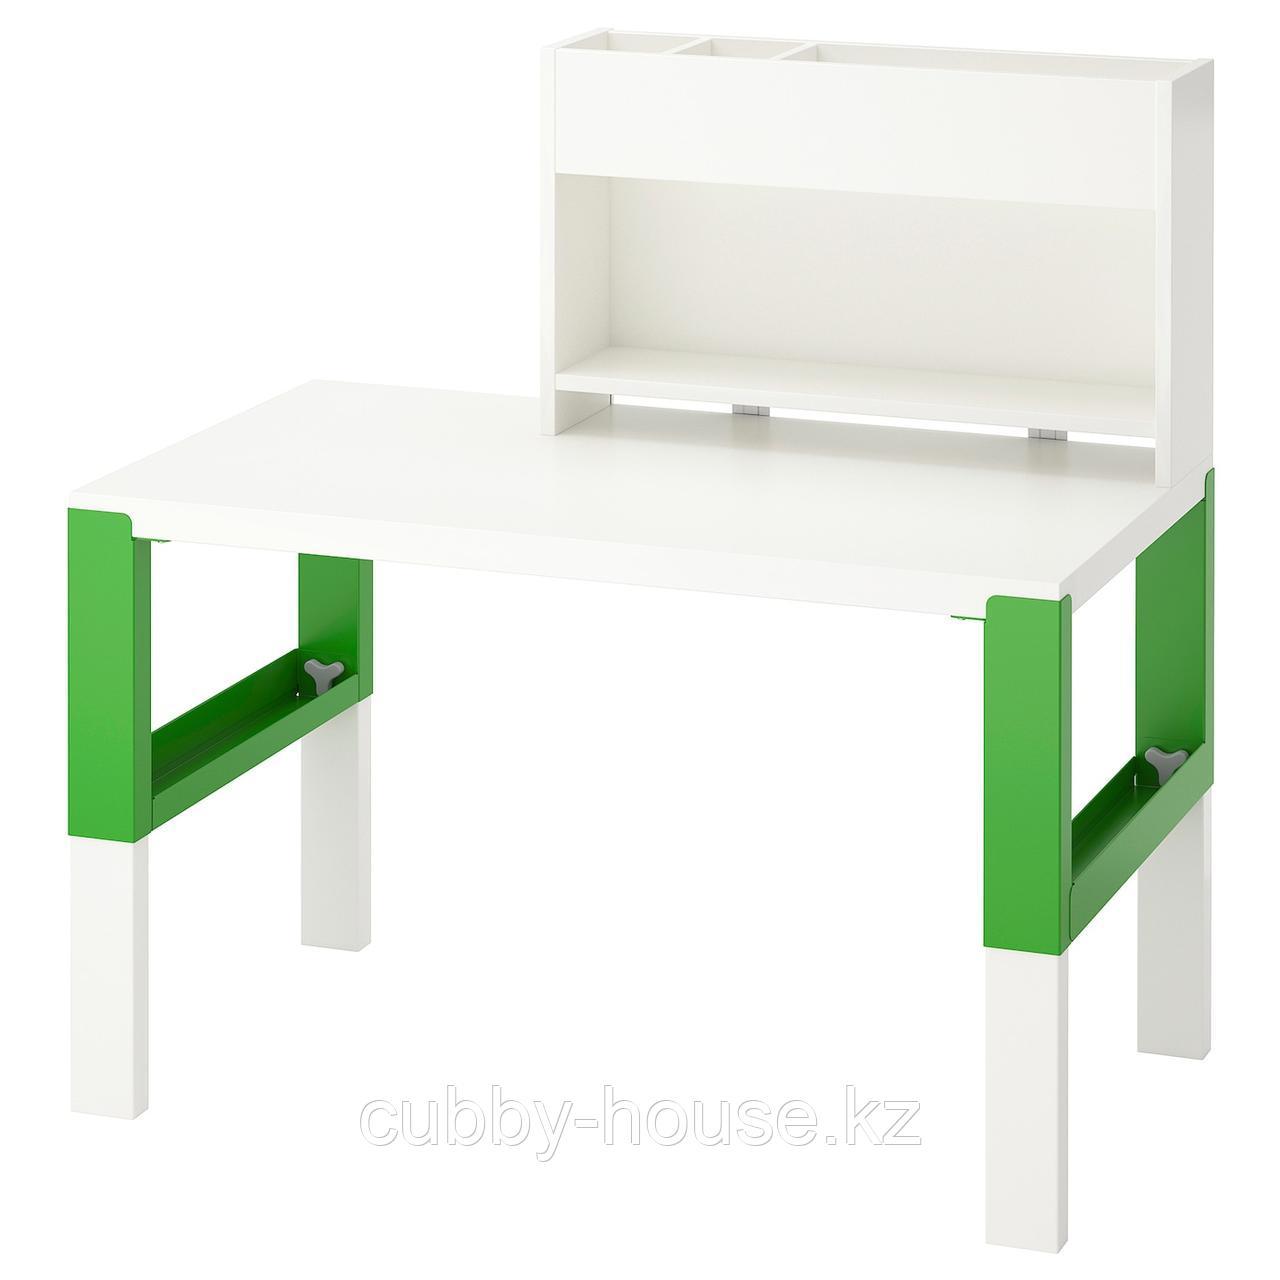 ПОЛЬ Стол с дополнительным модулем, белый, синий, 96x58 см